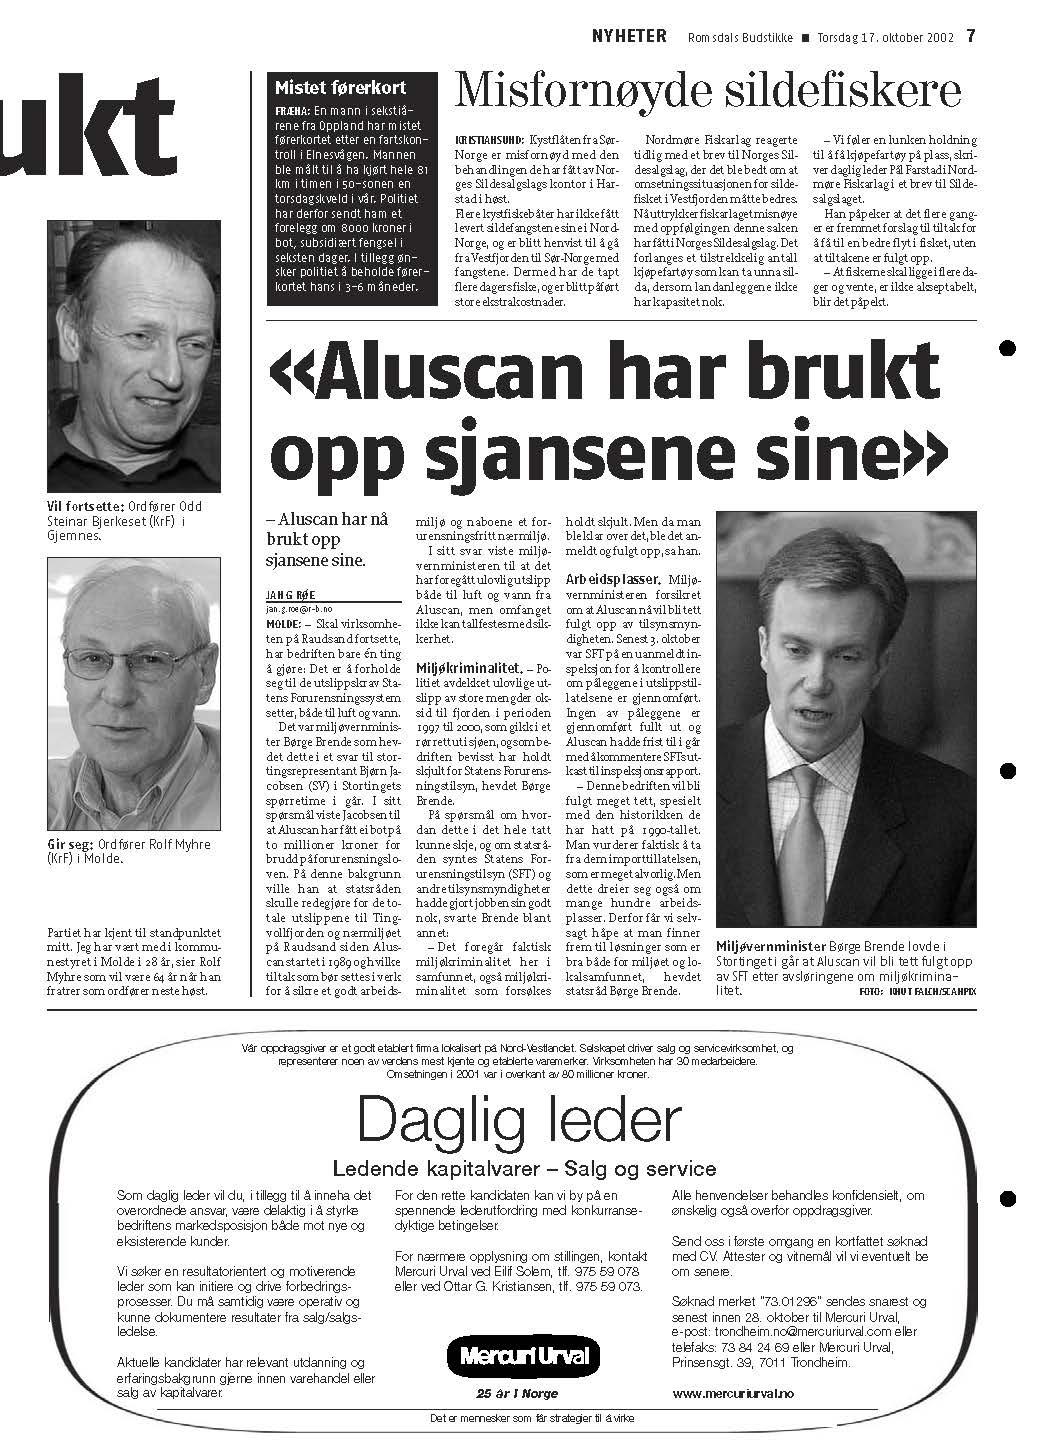 20021017_Romsdals_Budstikke 7